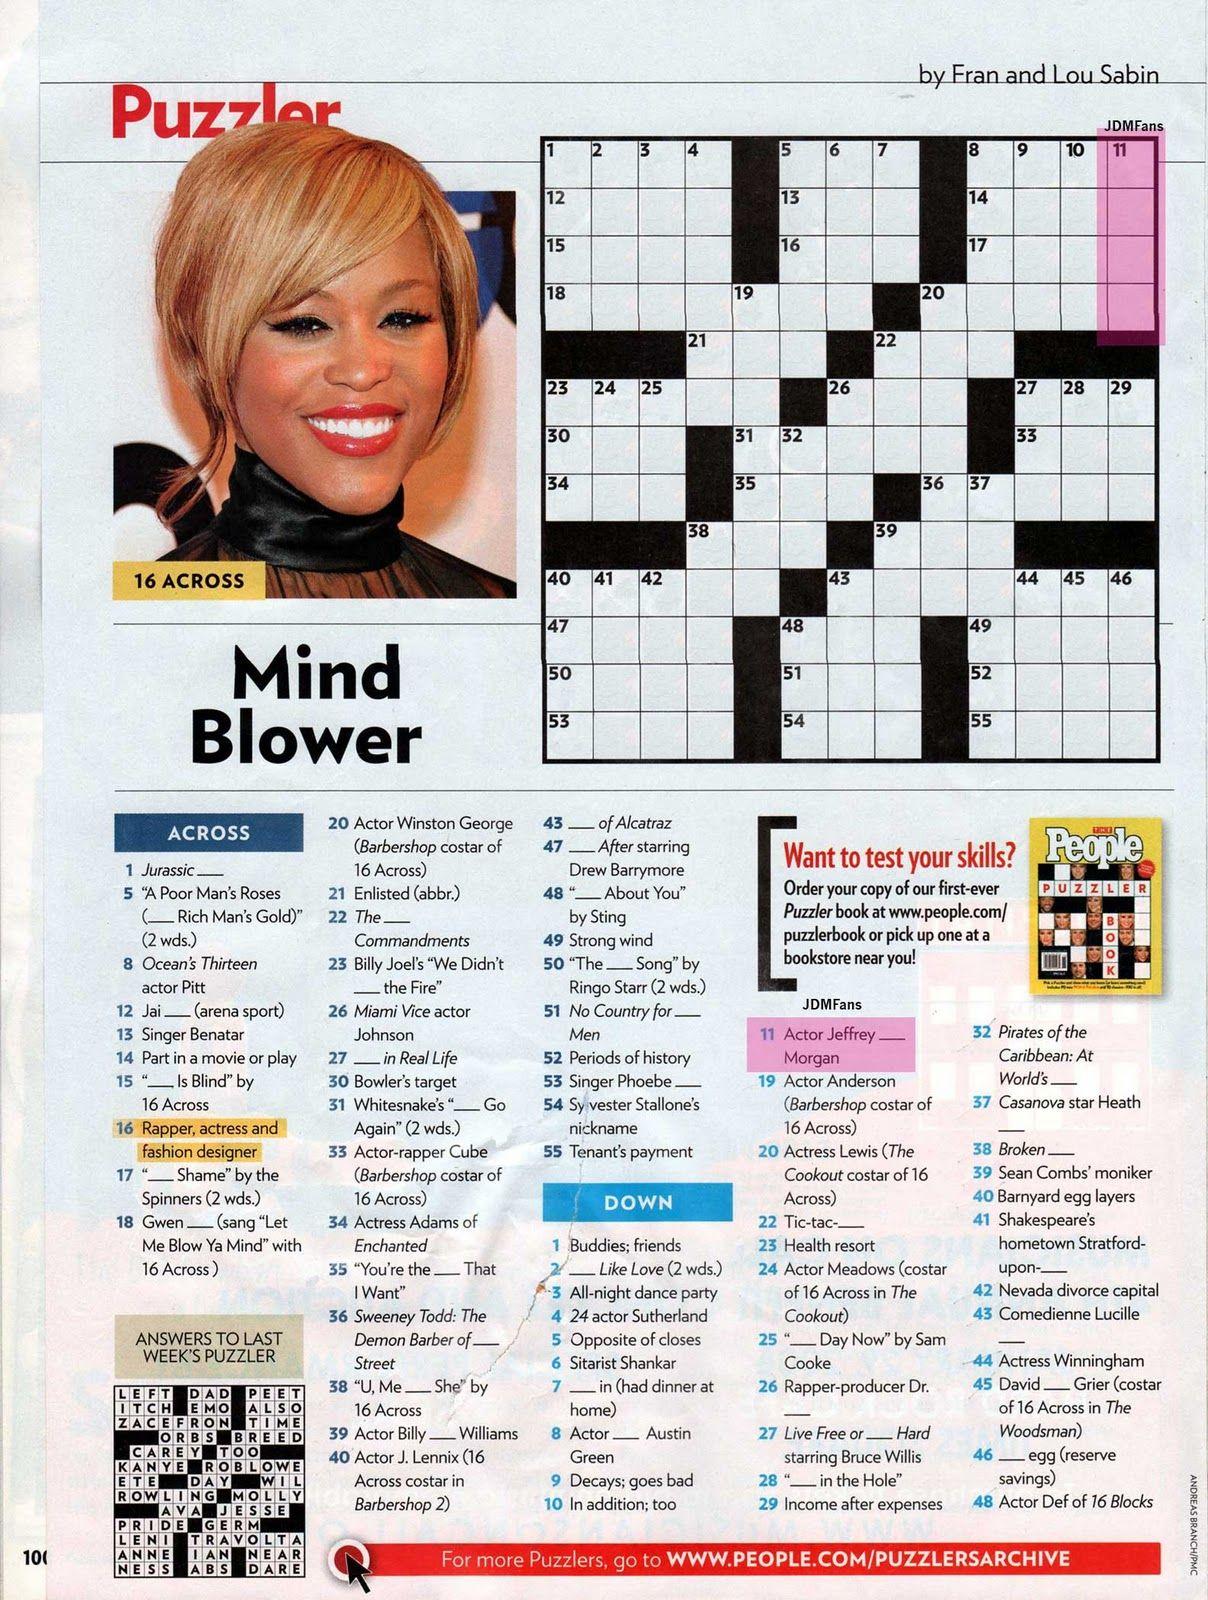 People Magazine Crossword Puzzles To Print | Puzzles In 2019 - Star Magazine Crossword Puzzles Printable